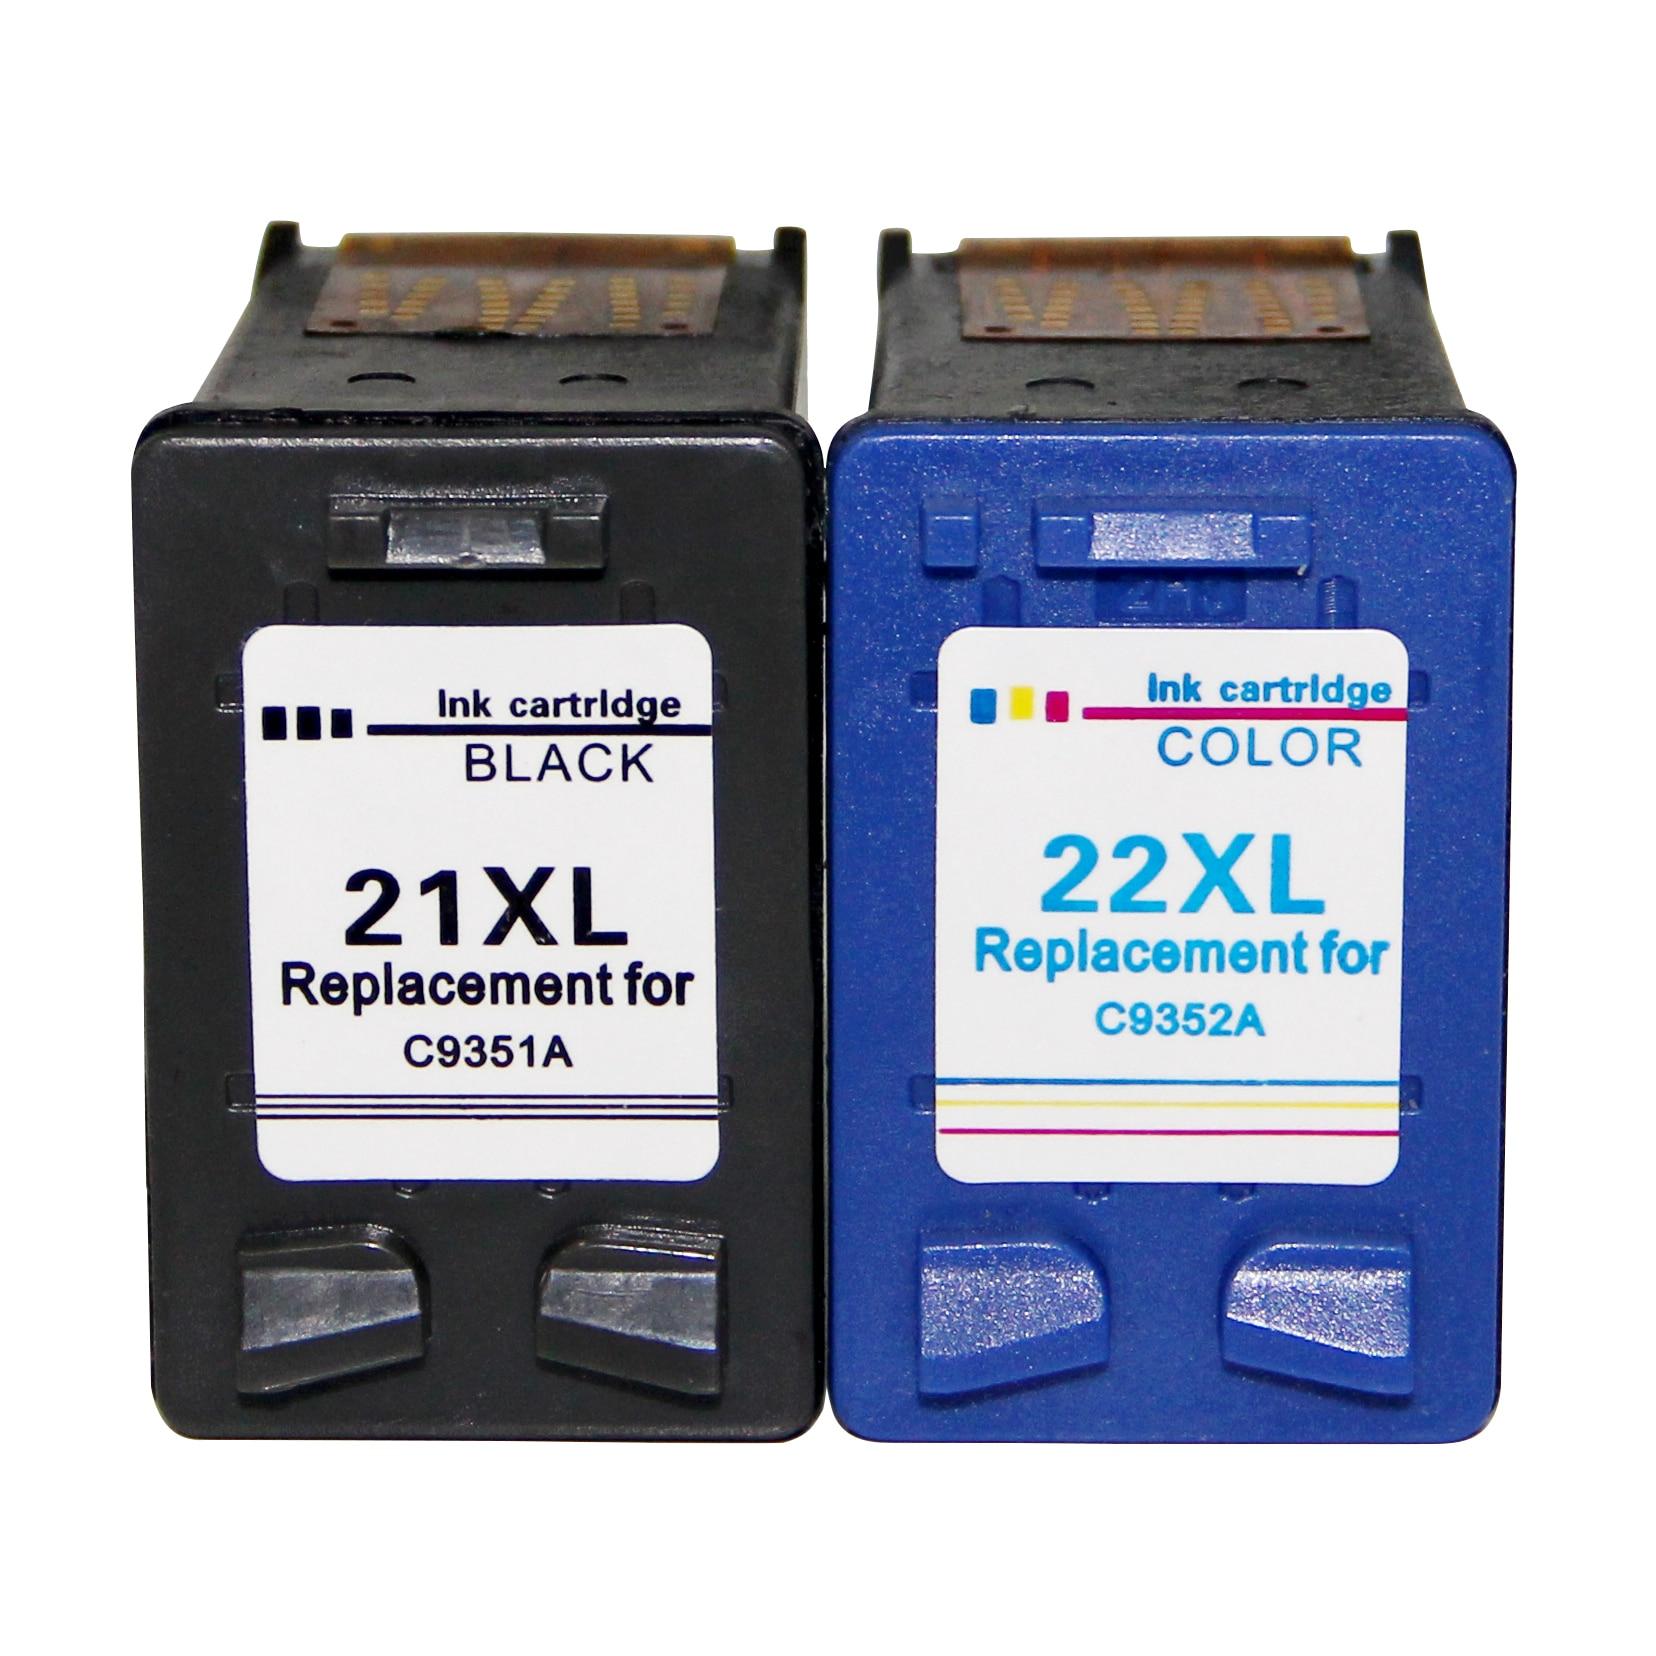 Veteran Remanufactured 21 22 xl ink cartridges fo HP21 22 HP22 for hp Deskjet F2280 F2180 F4180 F300 F380 F2100 F2200 printers